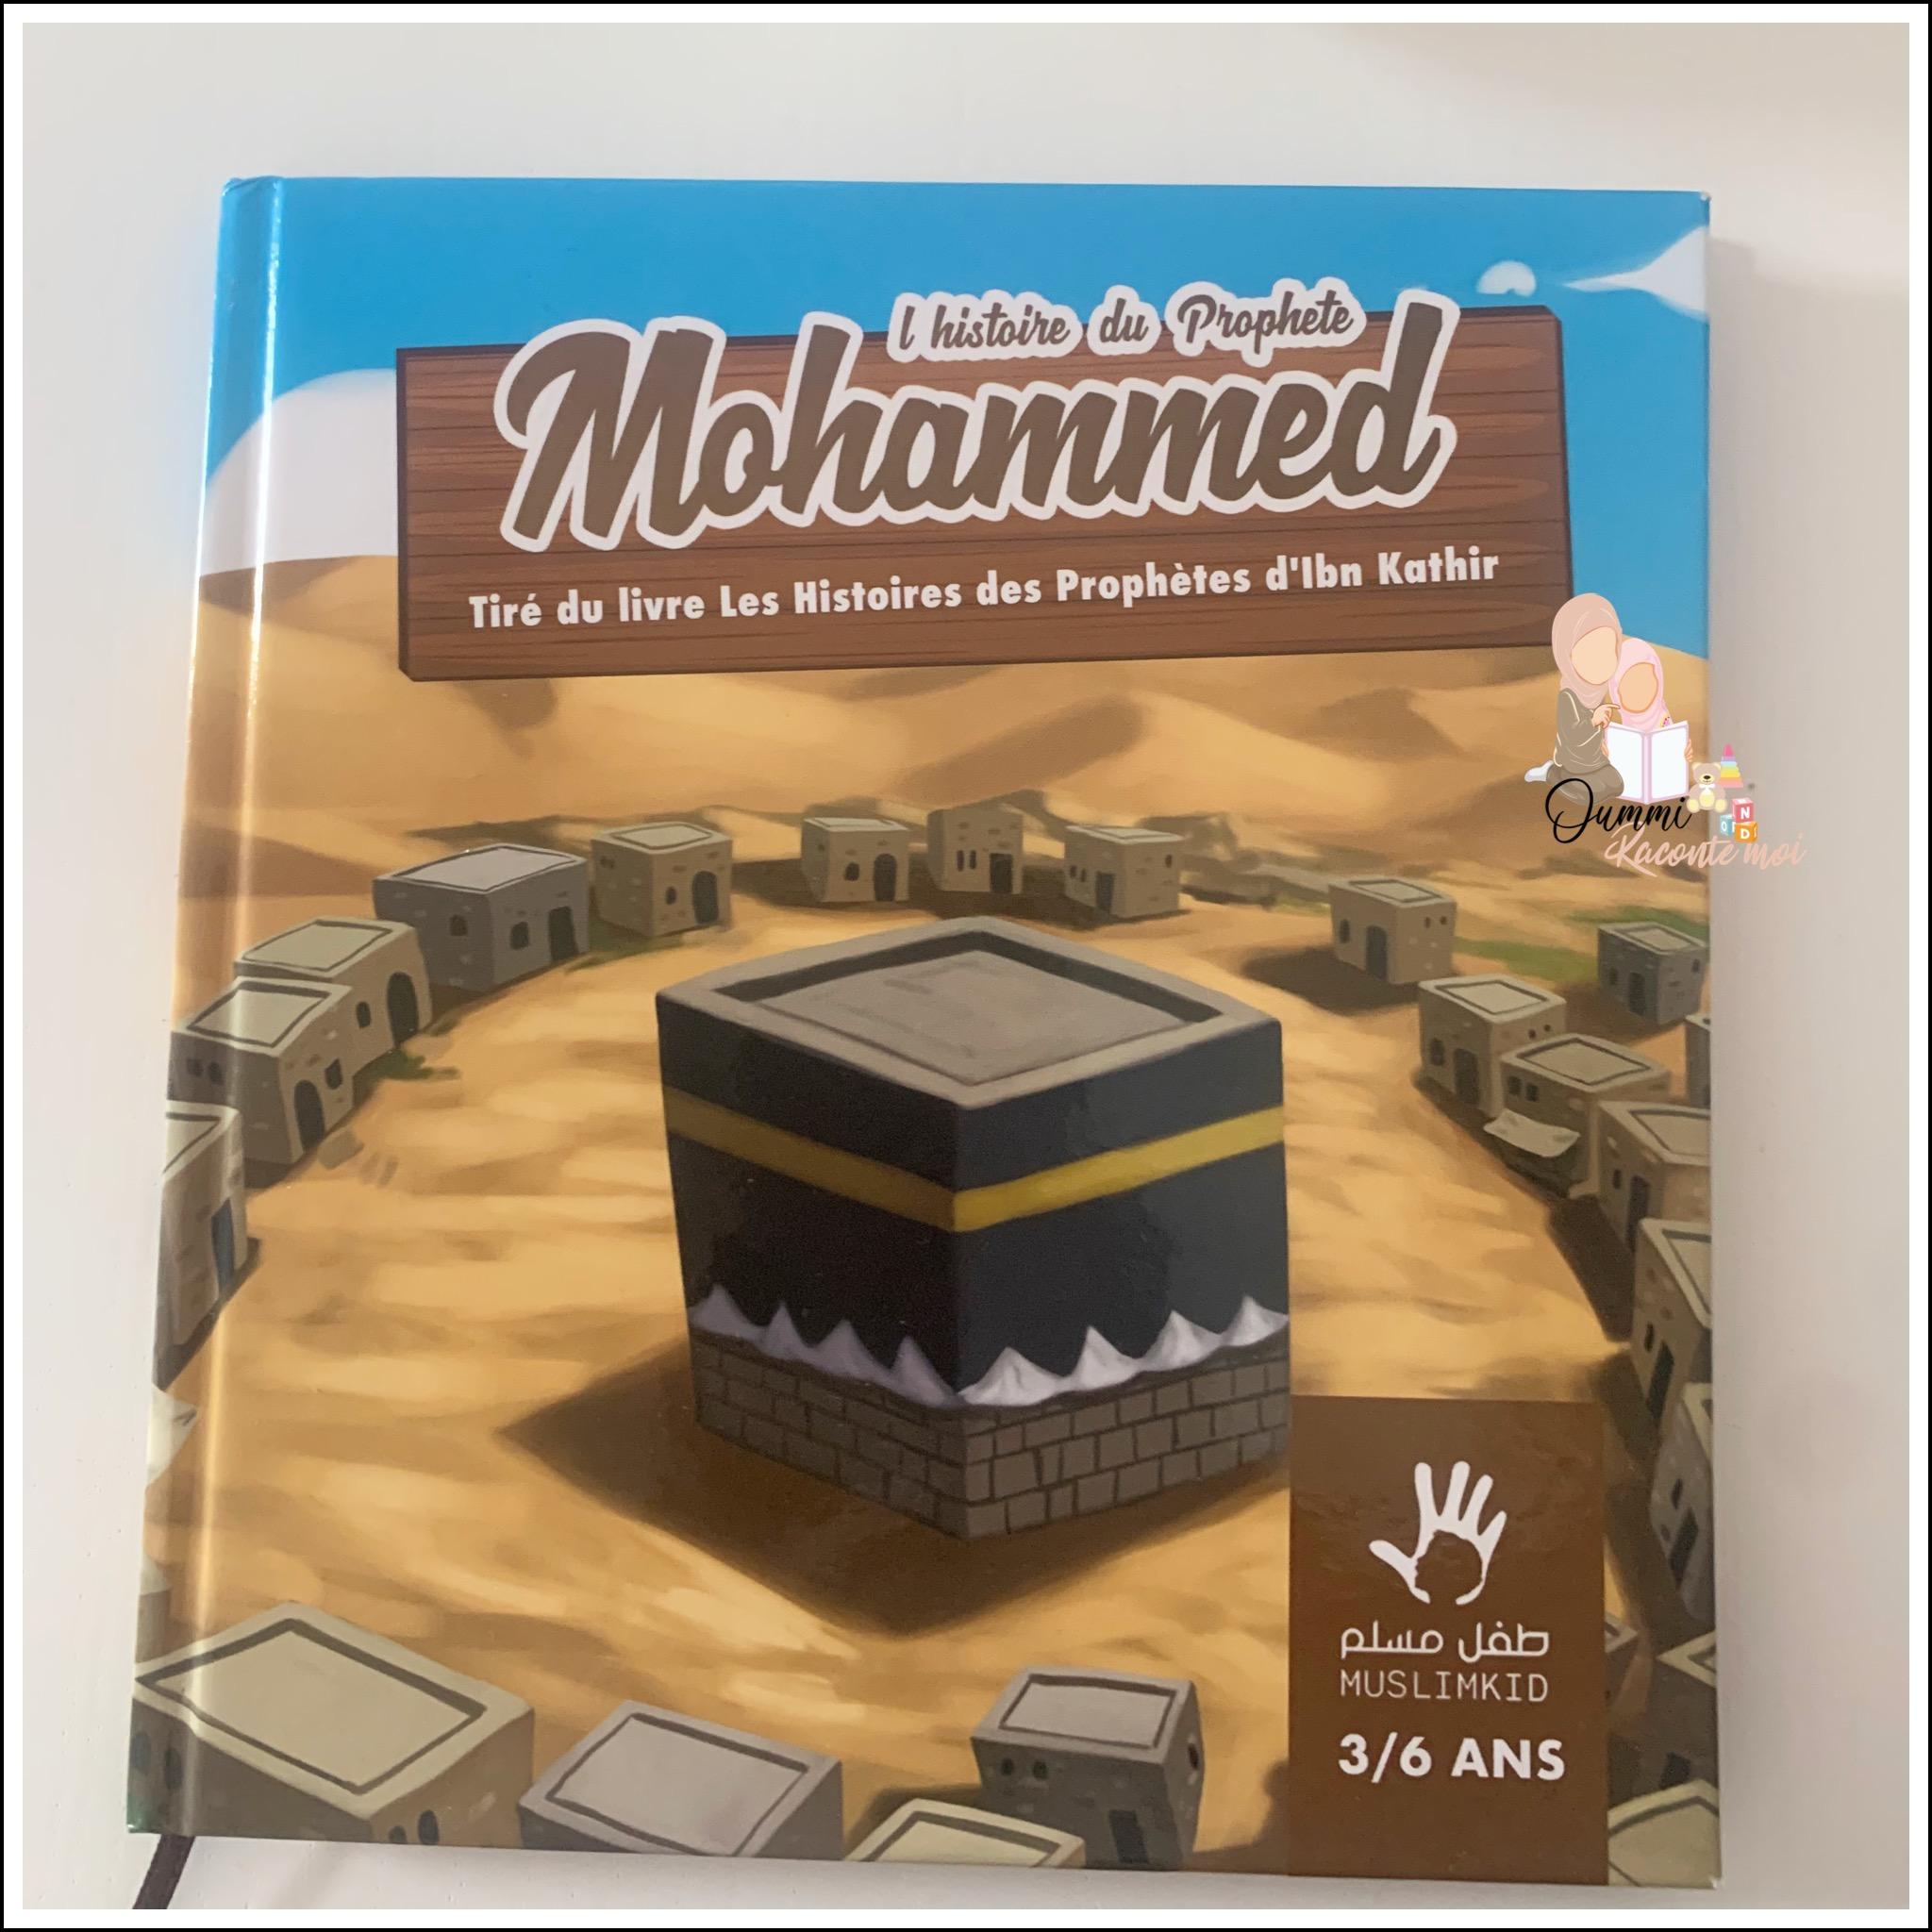 L'histoire du Prophète Mohammed (3/6 ans) – Édition Muslimkid